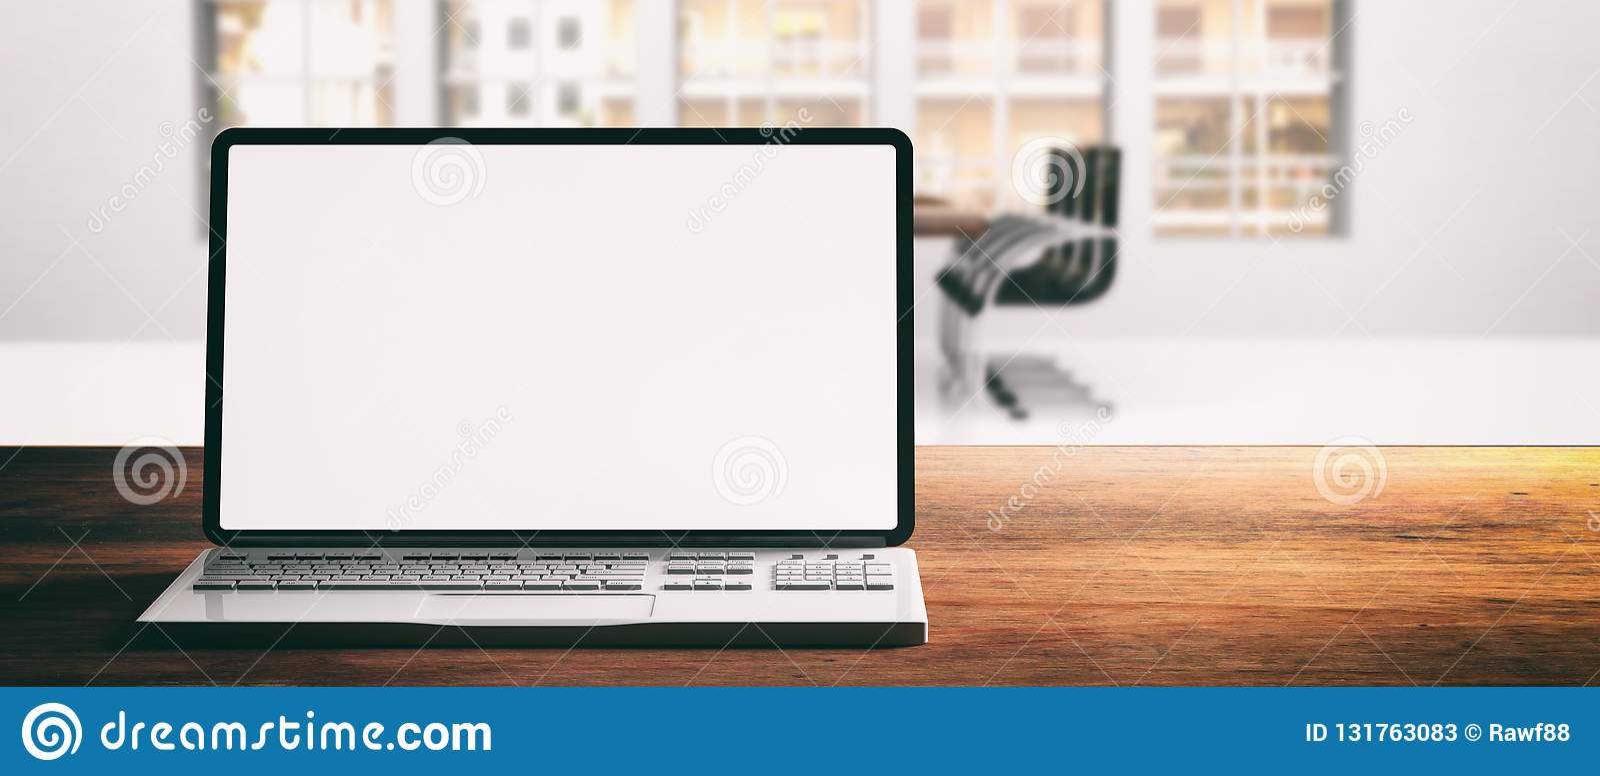 Computerlaptop mit leerem Bildschirm, auf einem hölzernen Schreibtisch, Unschärfebürohintergrund, Fahne